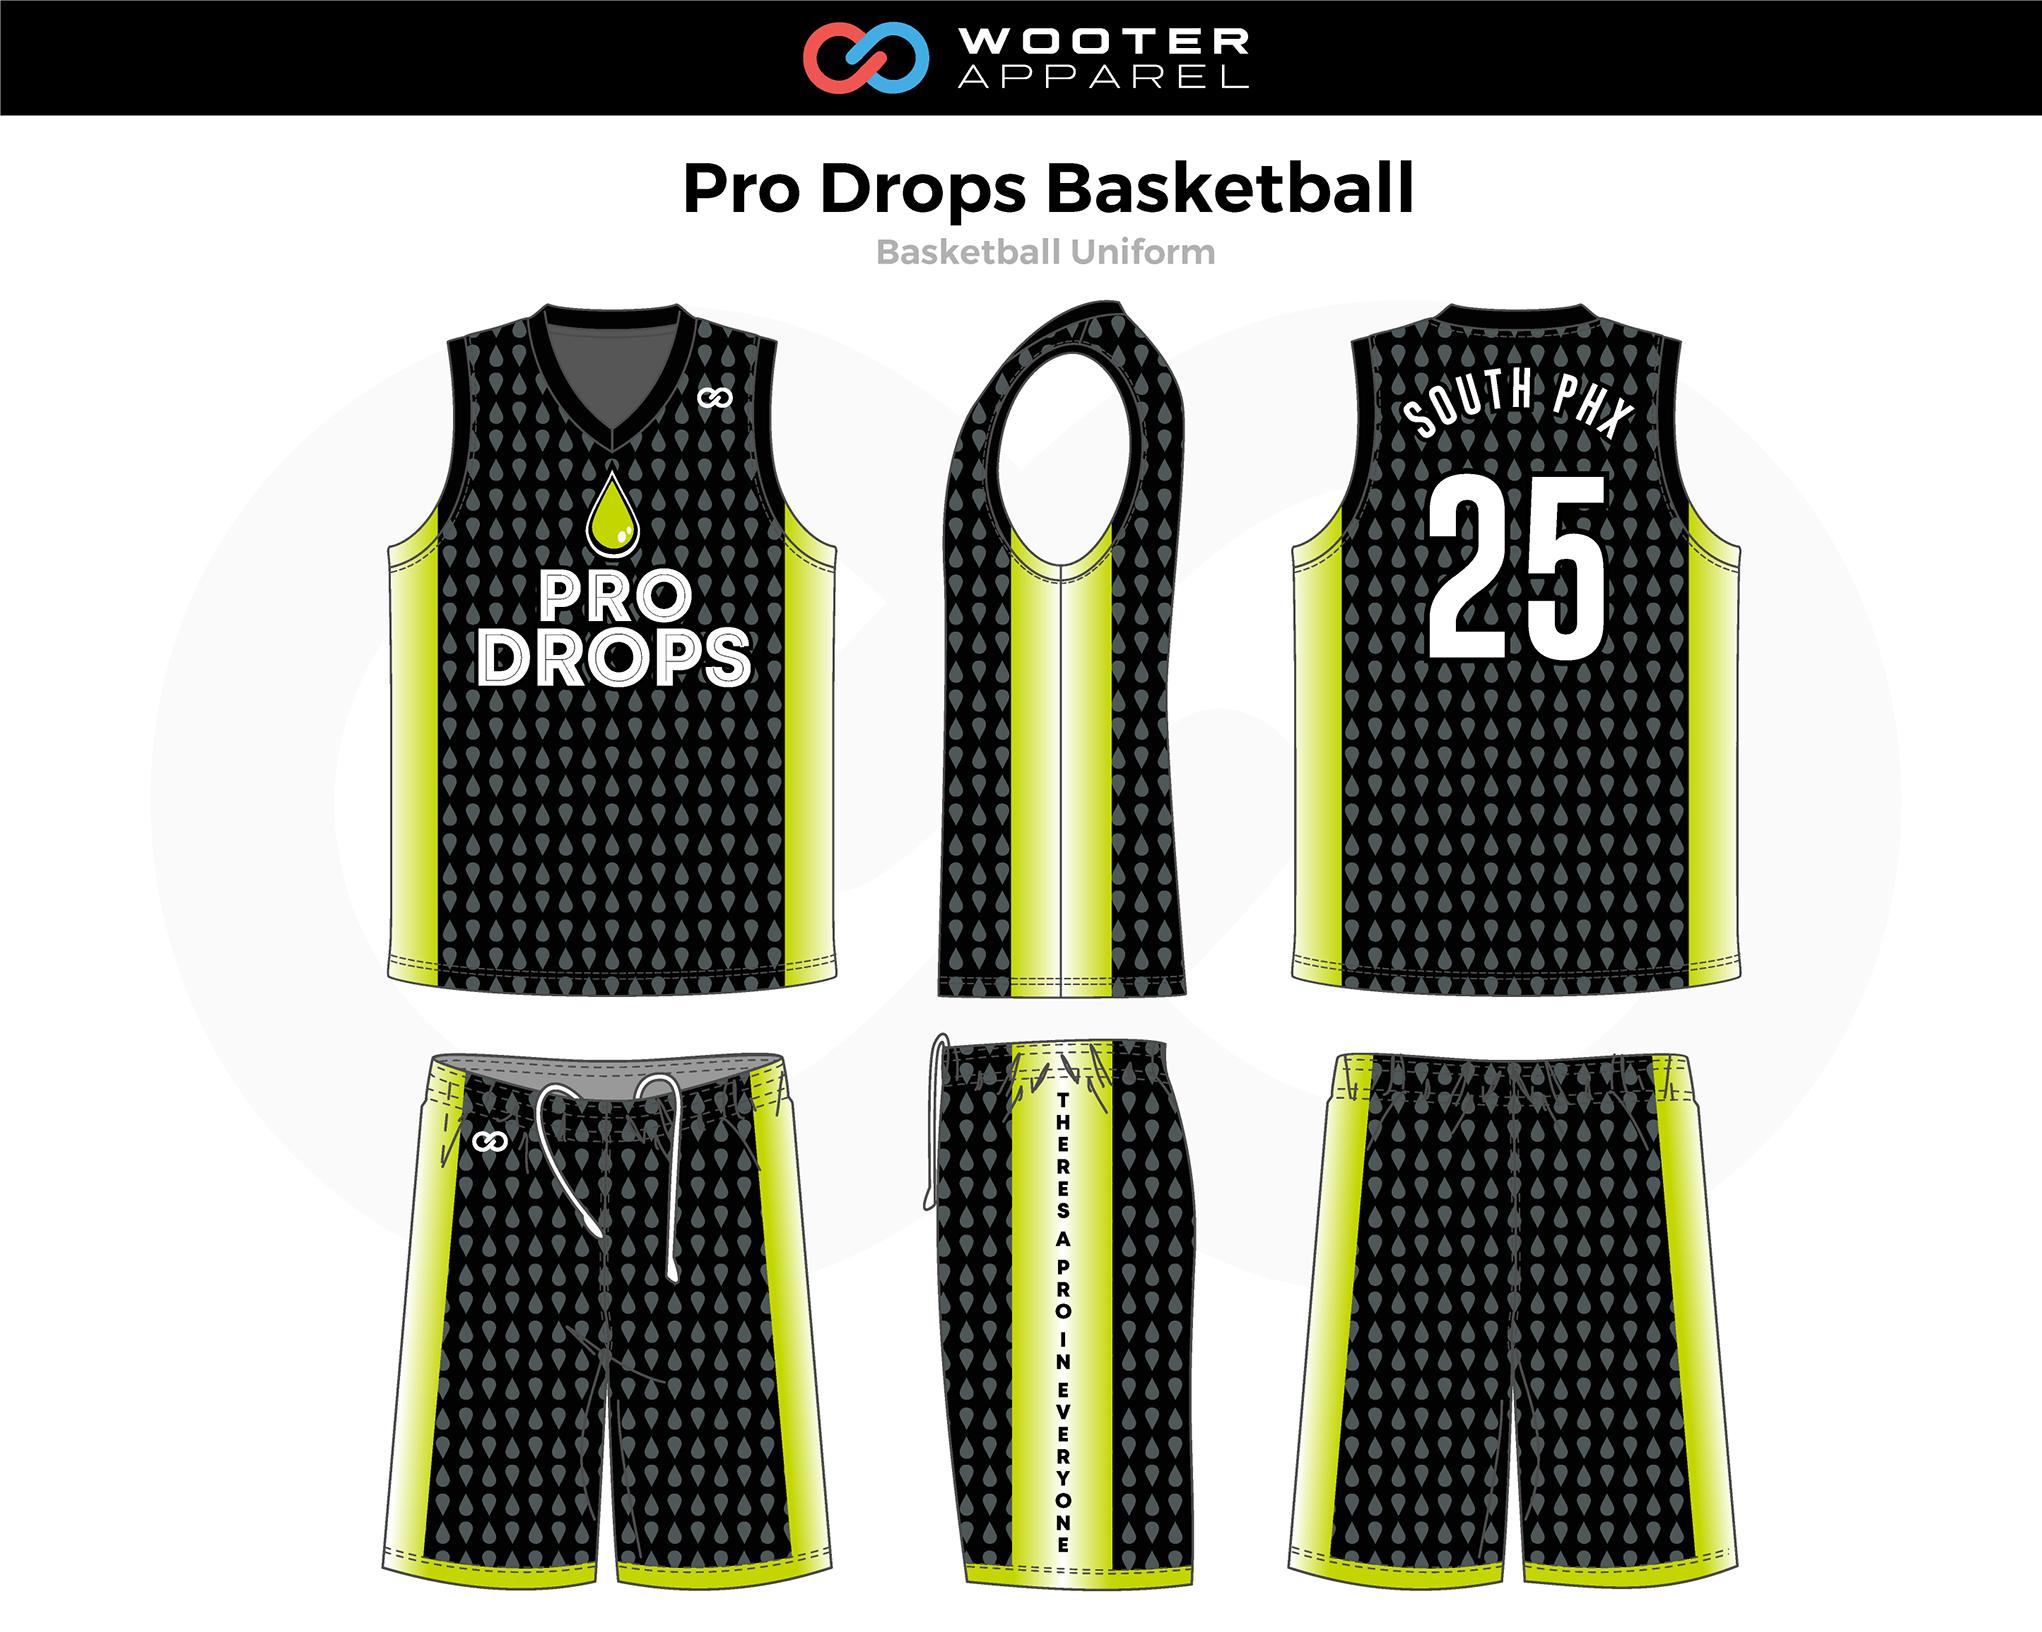 2019-02-11 Pro Drops Basketball Uniform.png